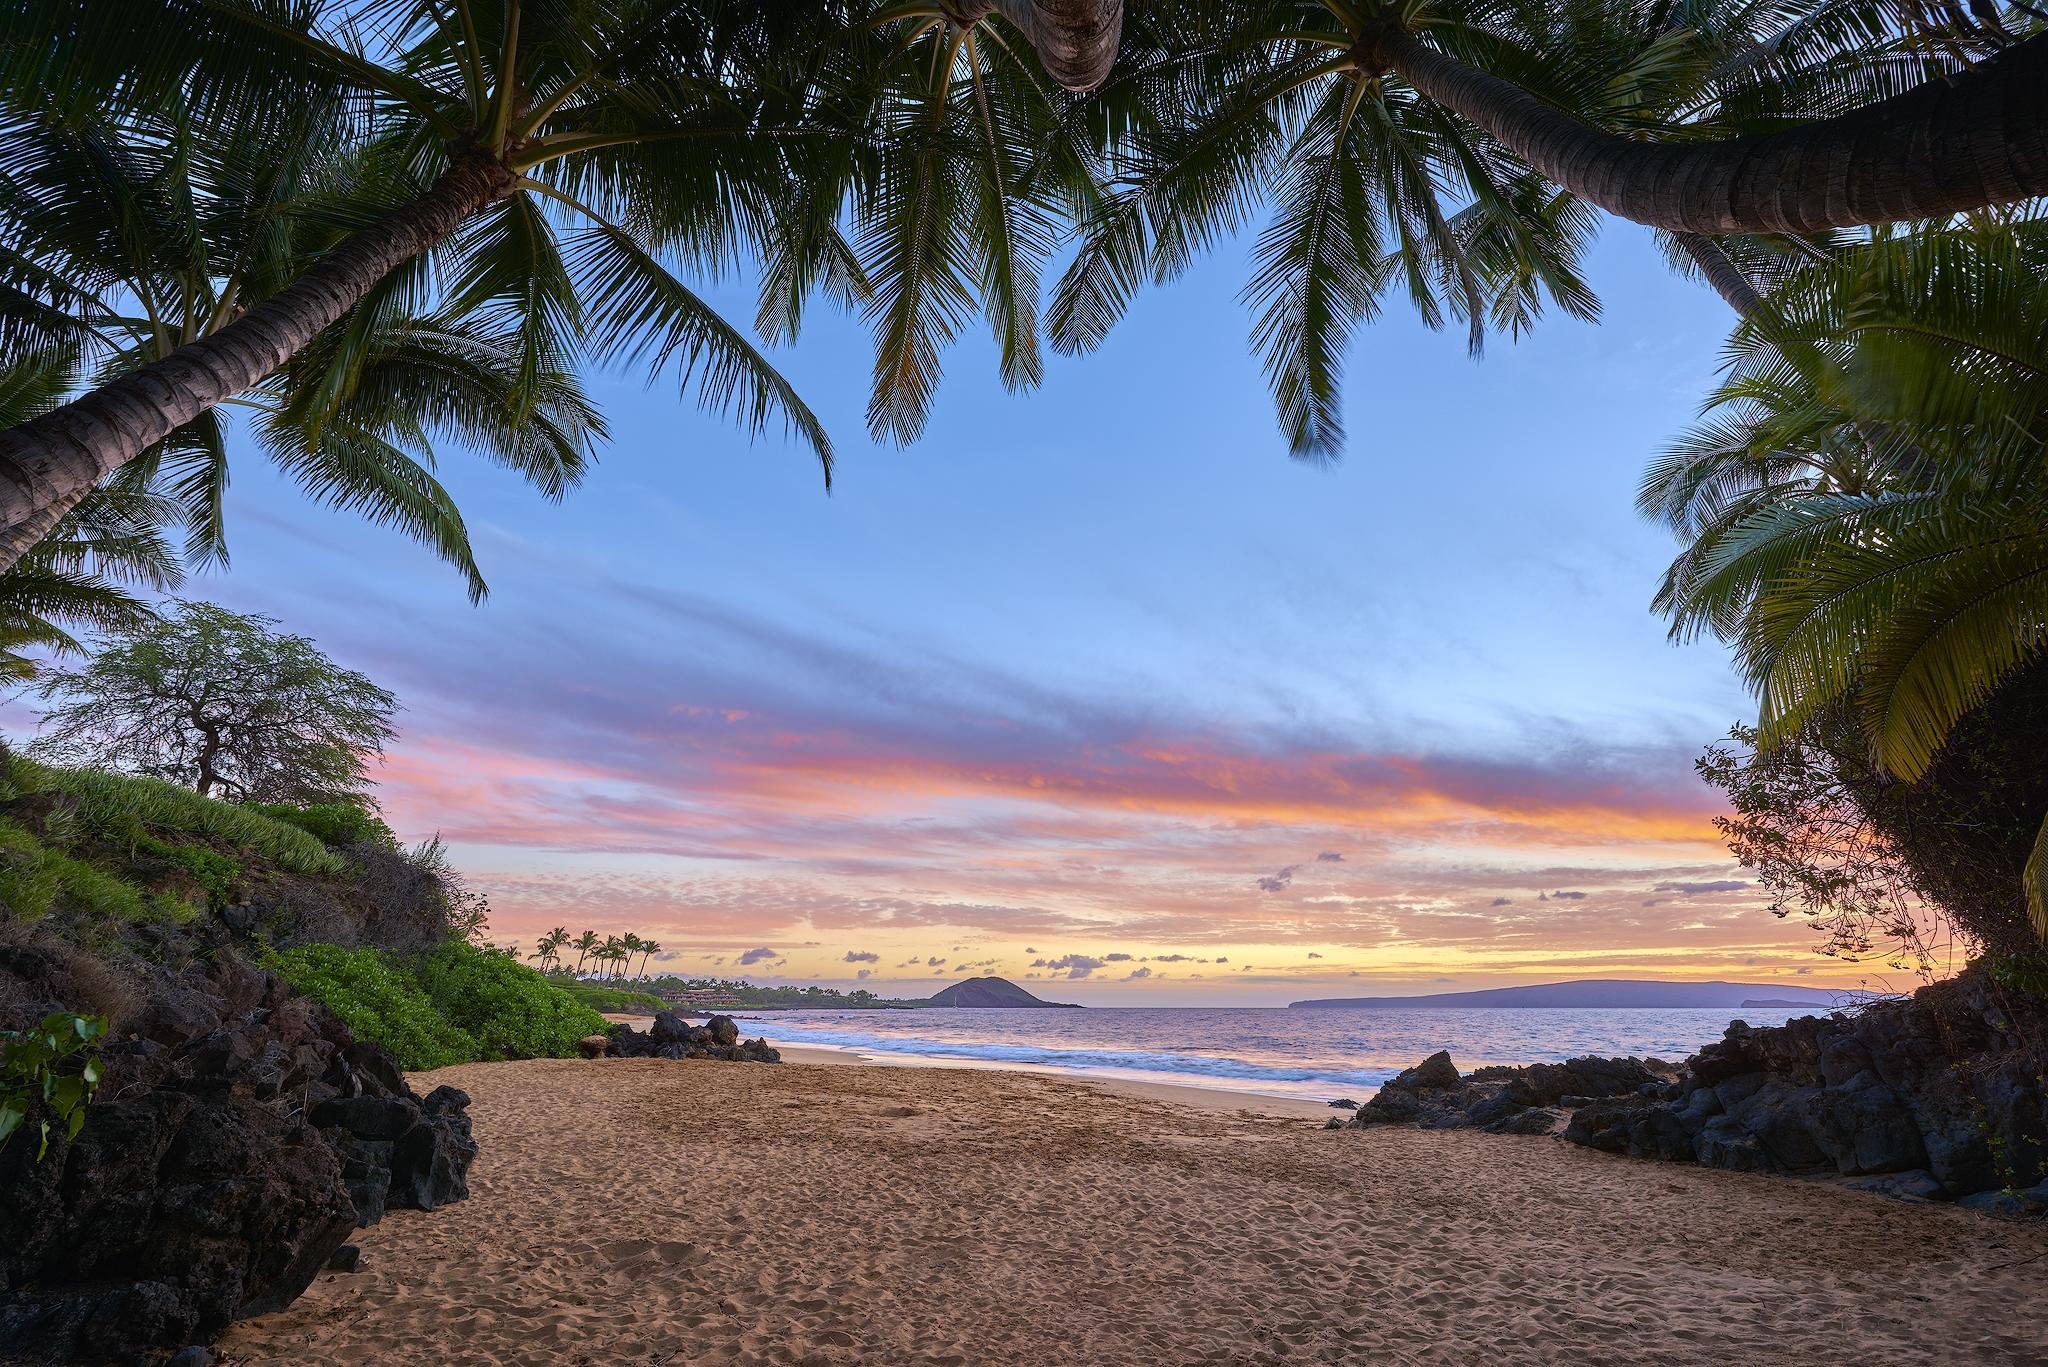 обои закат, море, пальмы, пляж картинки фото